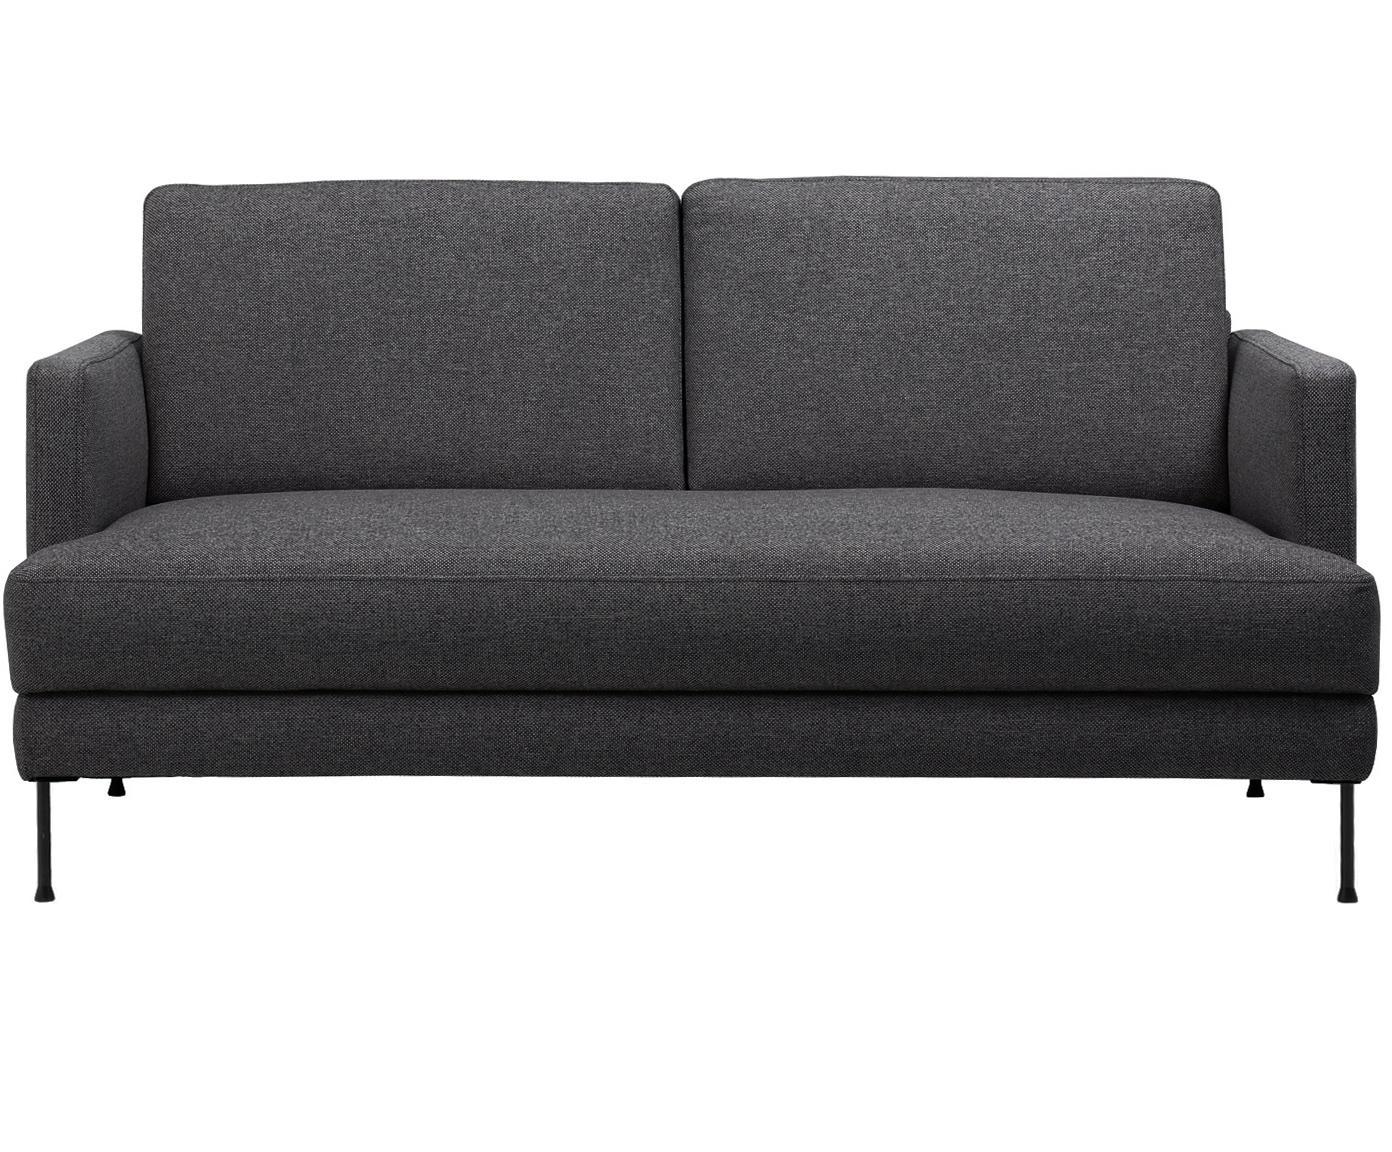 Sofa Fluente (2-osobowa), Tapicerka: poliester 45000 cykli w , Stelaż: drewno naturalne, Nogi: metal lakierowany, Ciemnyszary, S 168 x W 85 cm